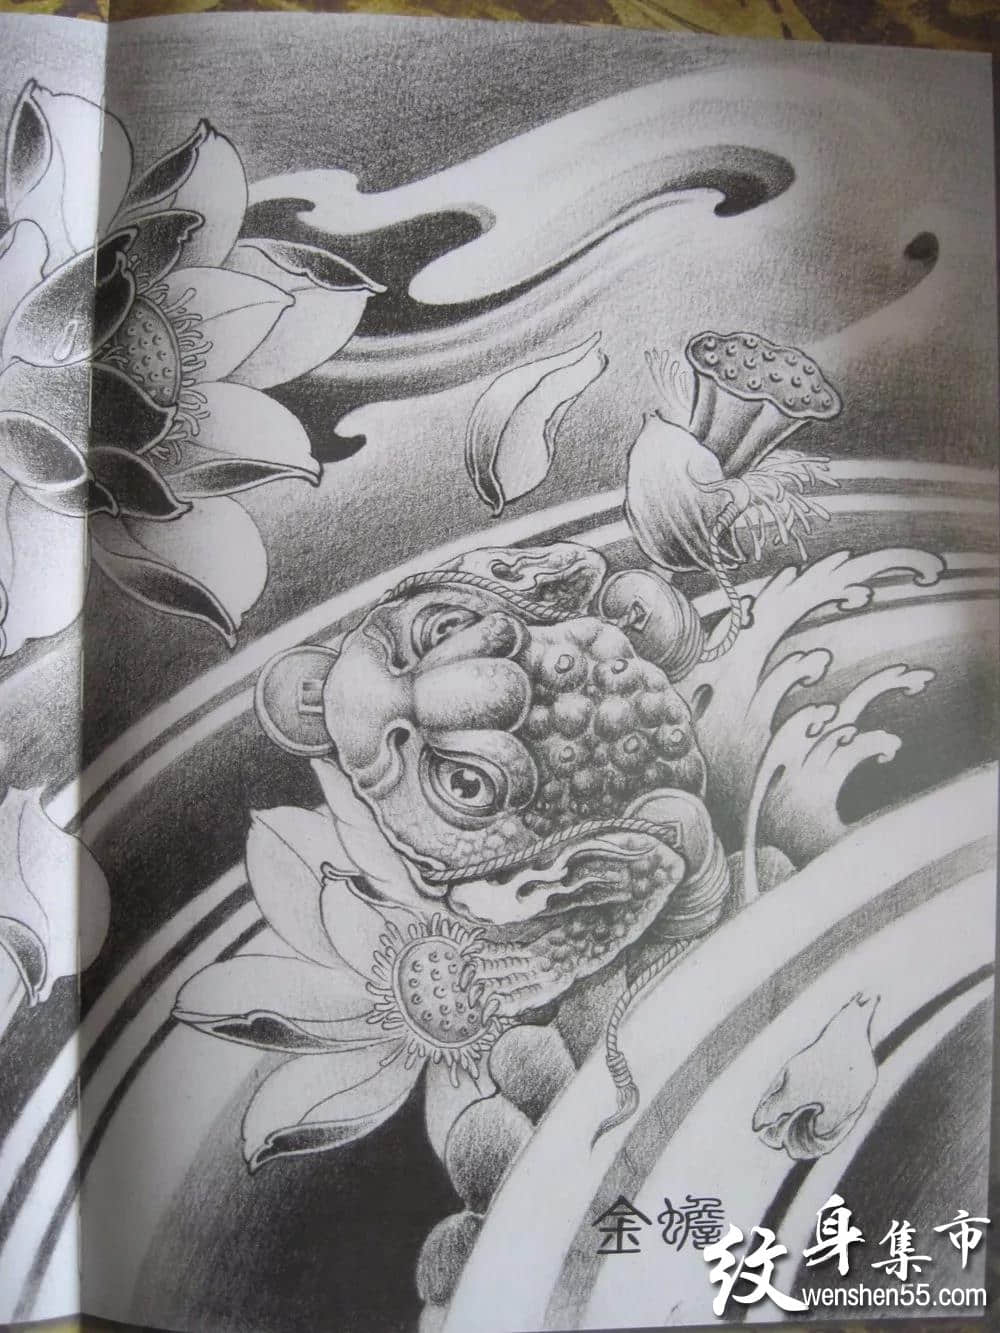 佛系纹身,佛系纹身手稿,佛系纹身手稿图案